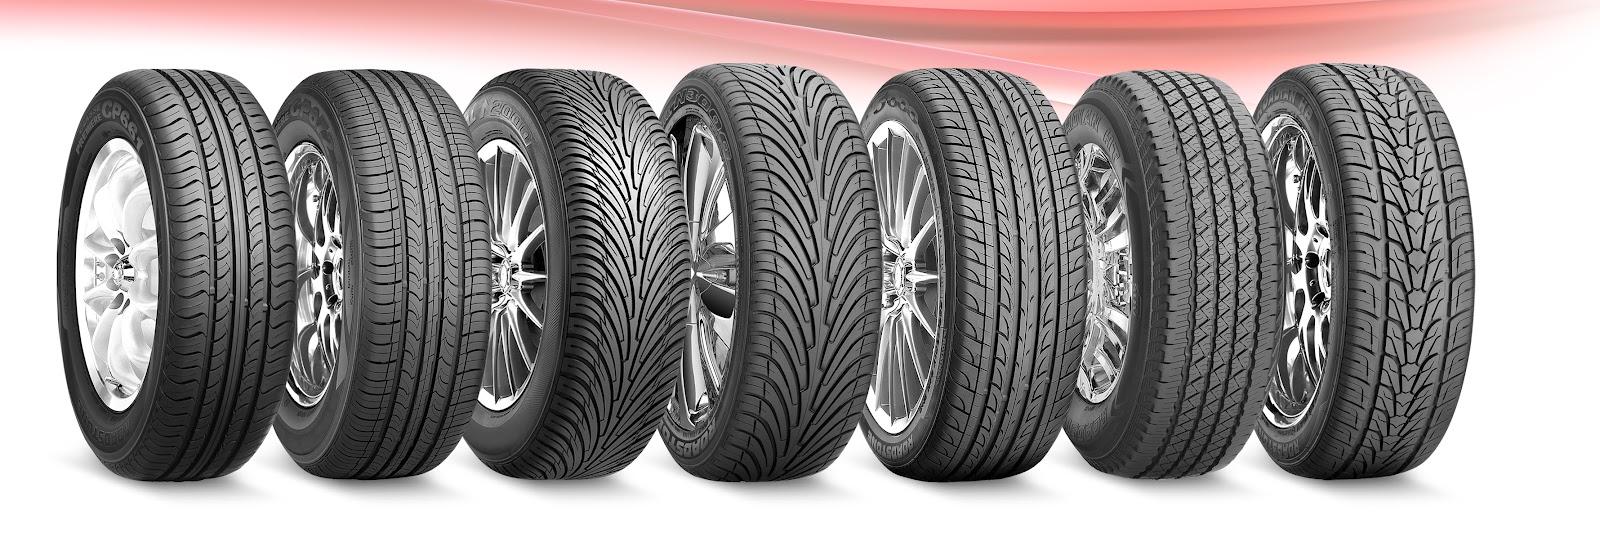 Marcas de pneus diferentes, podemos misturar? Tire suas dúvidas.